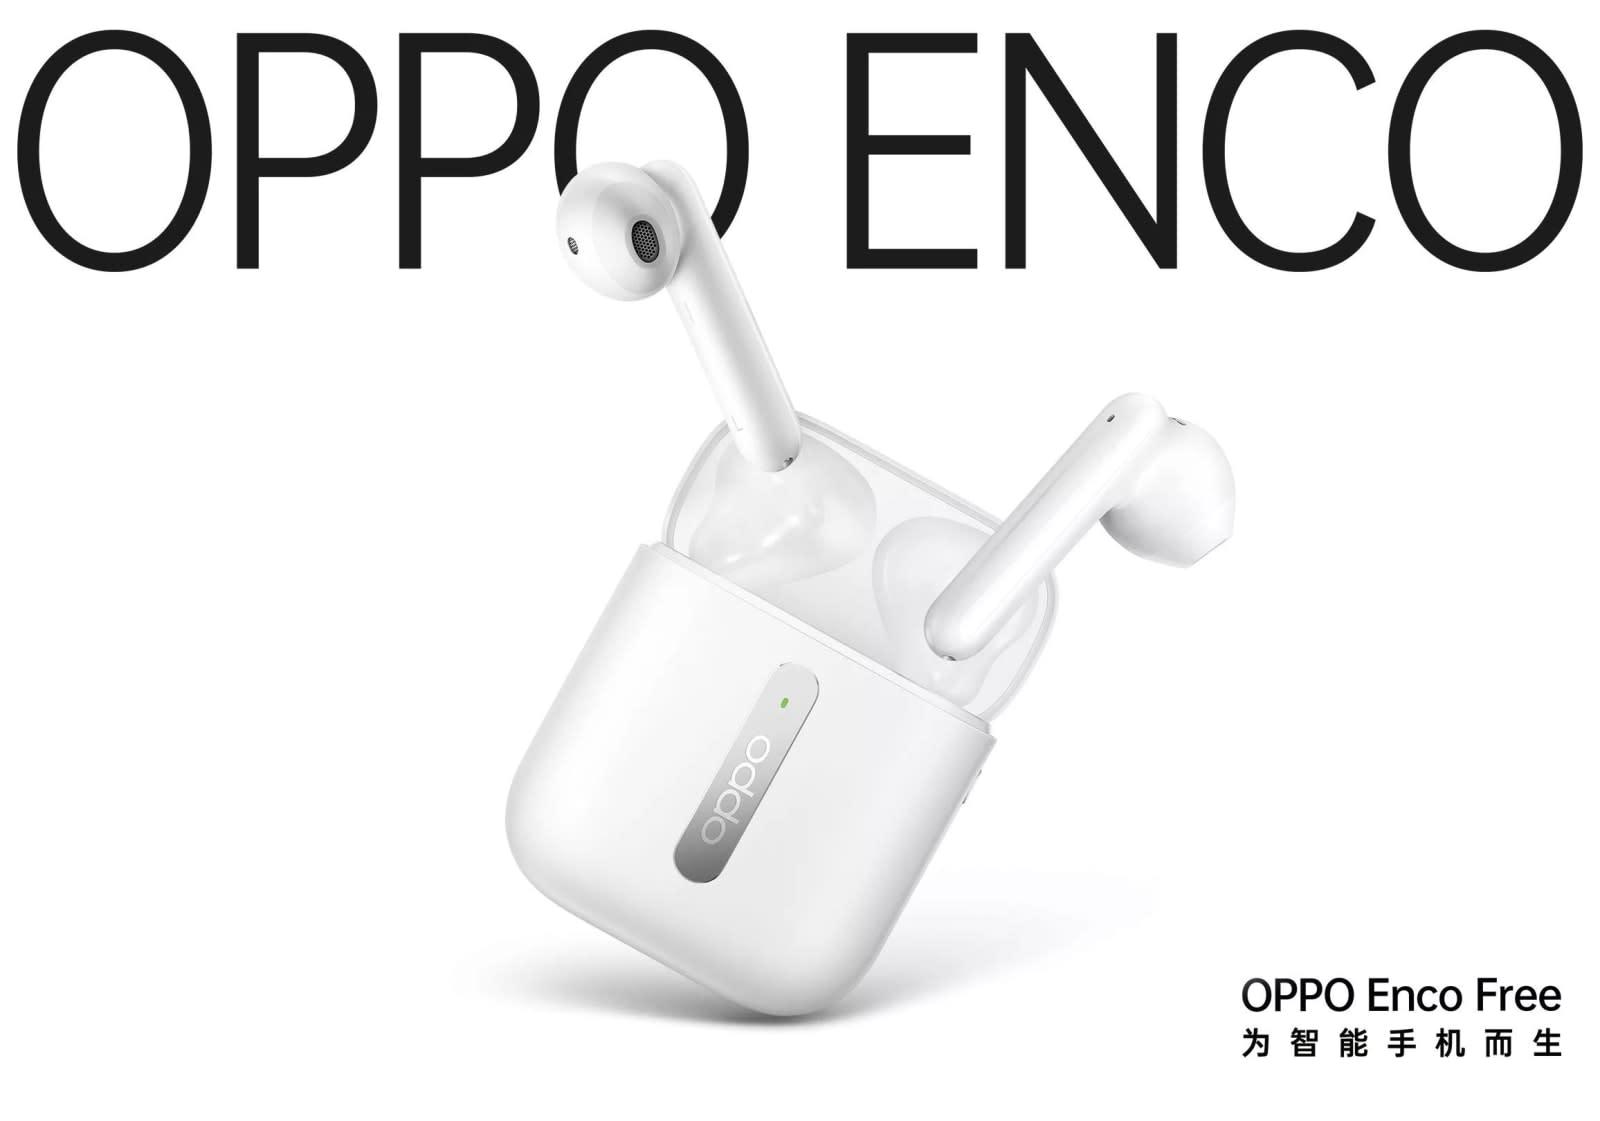 Oppo Enco Free